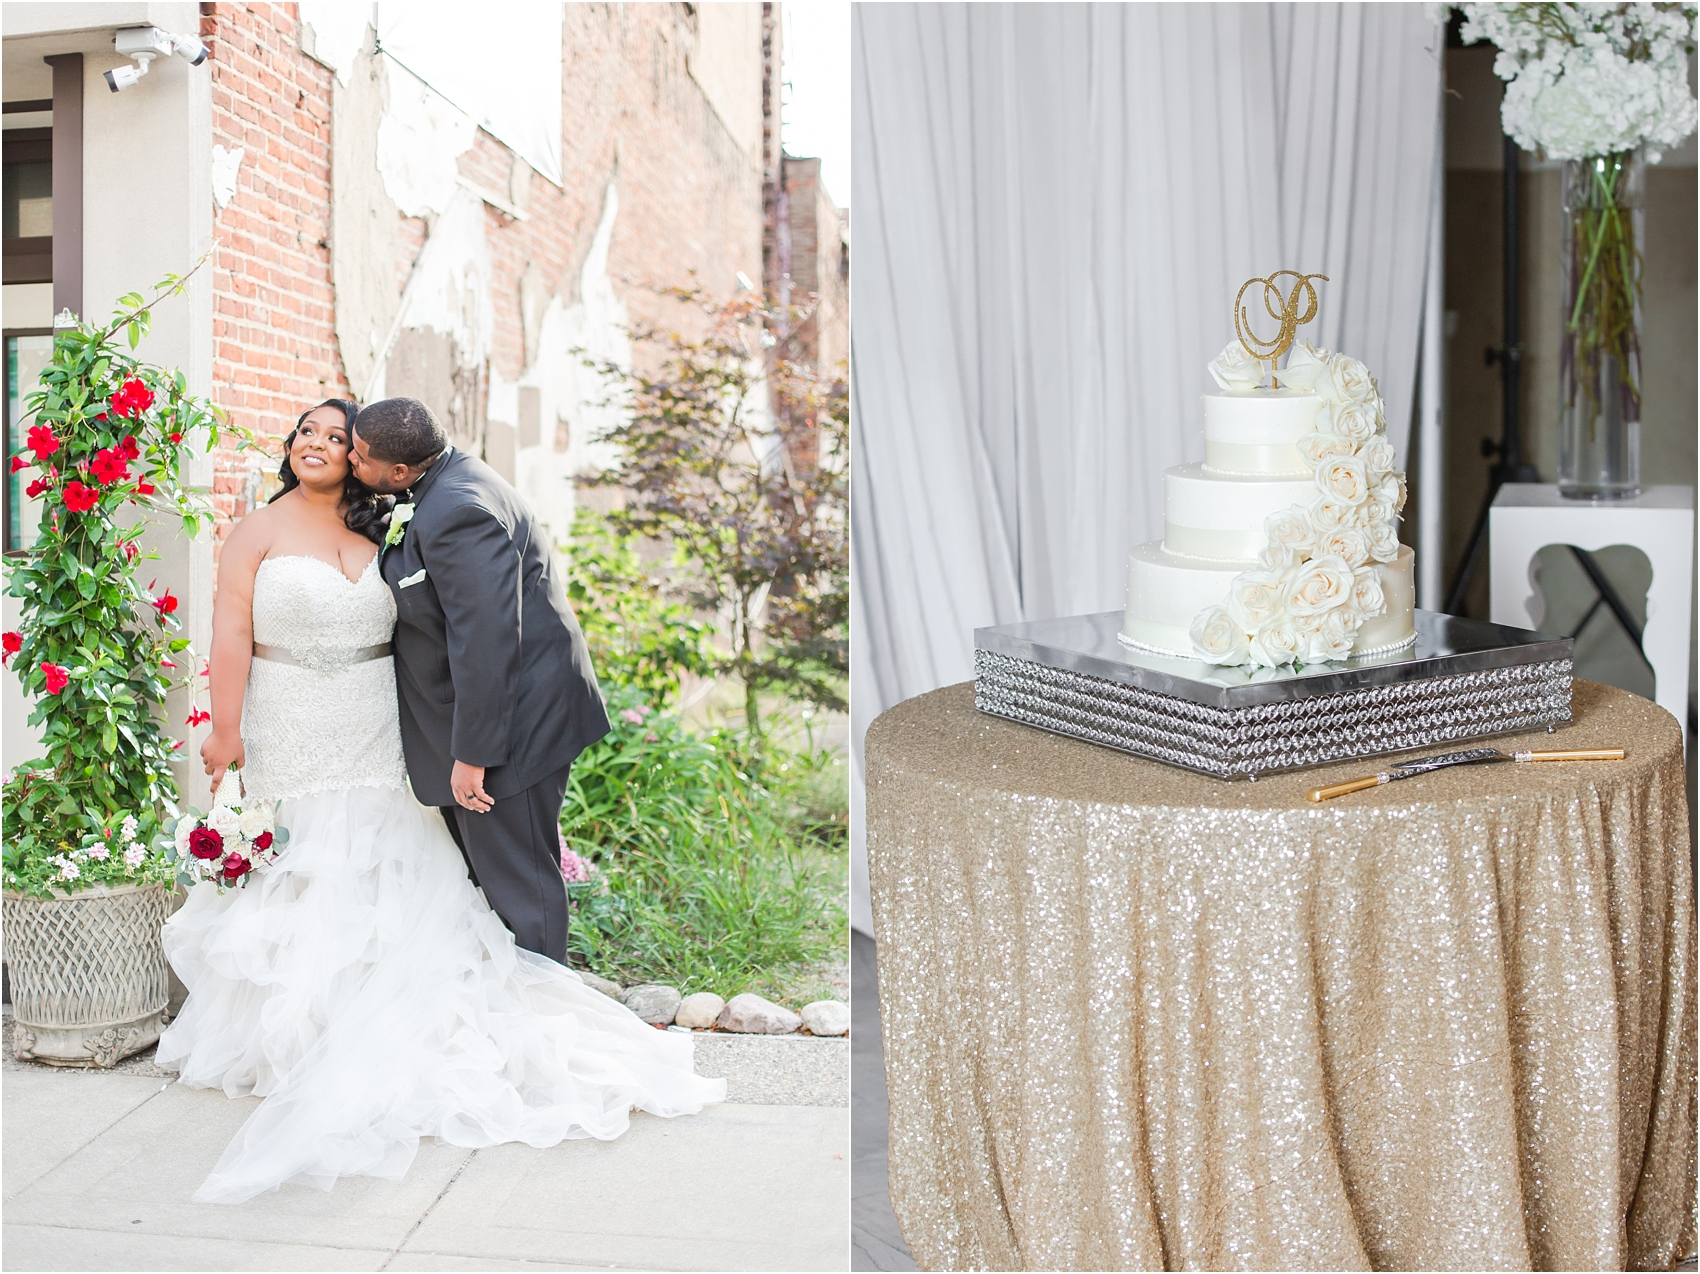 minimalist-and-modern-wedding-photos-at-30-north-saginaw-in-pontiac-michigan-by-courtney-carolyn-photography_0074.jpg